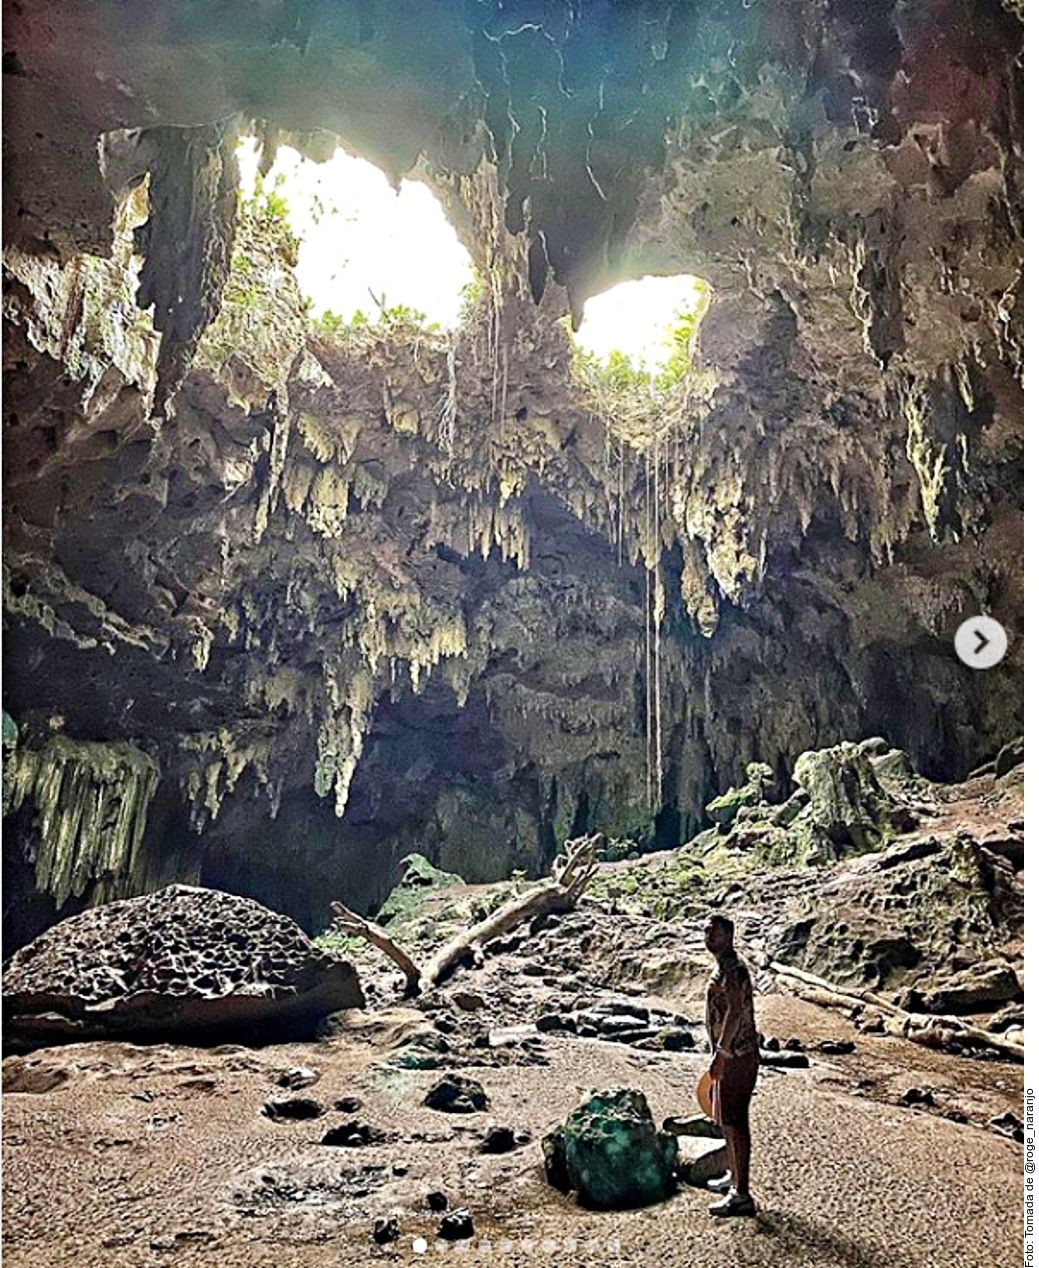 Conocido por ser el sistema de grutas más importante de la península de Yucatán, las Grutas de Loltún alojan tesoros como 145 pinturas murales y 42 petroglifos.